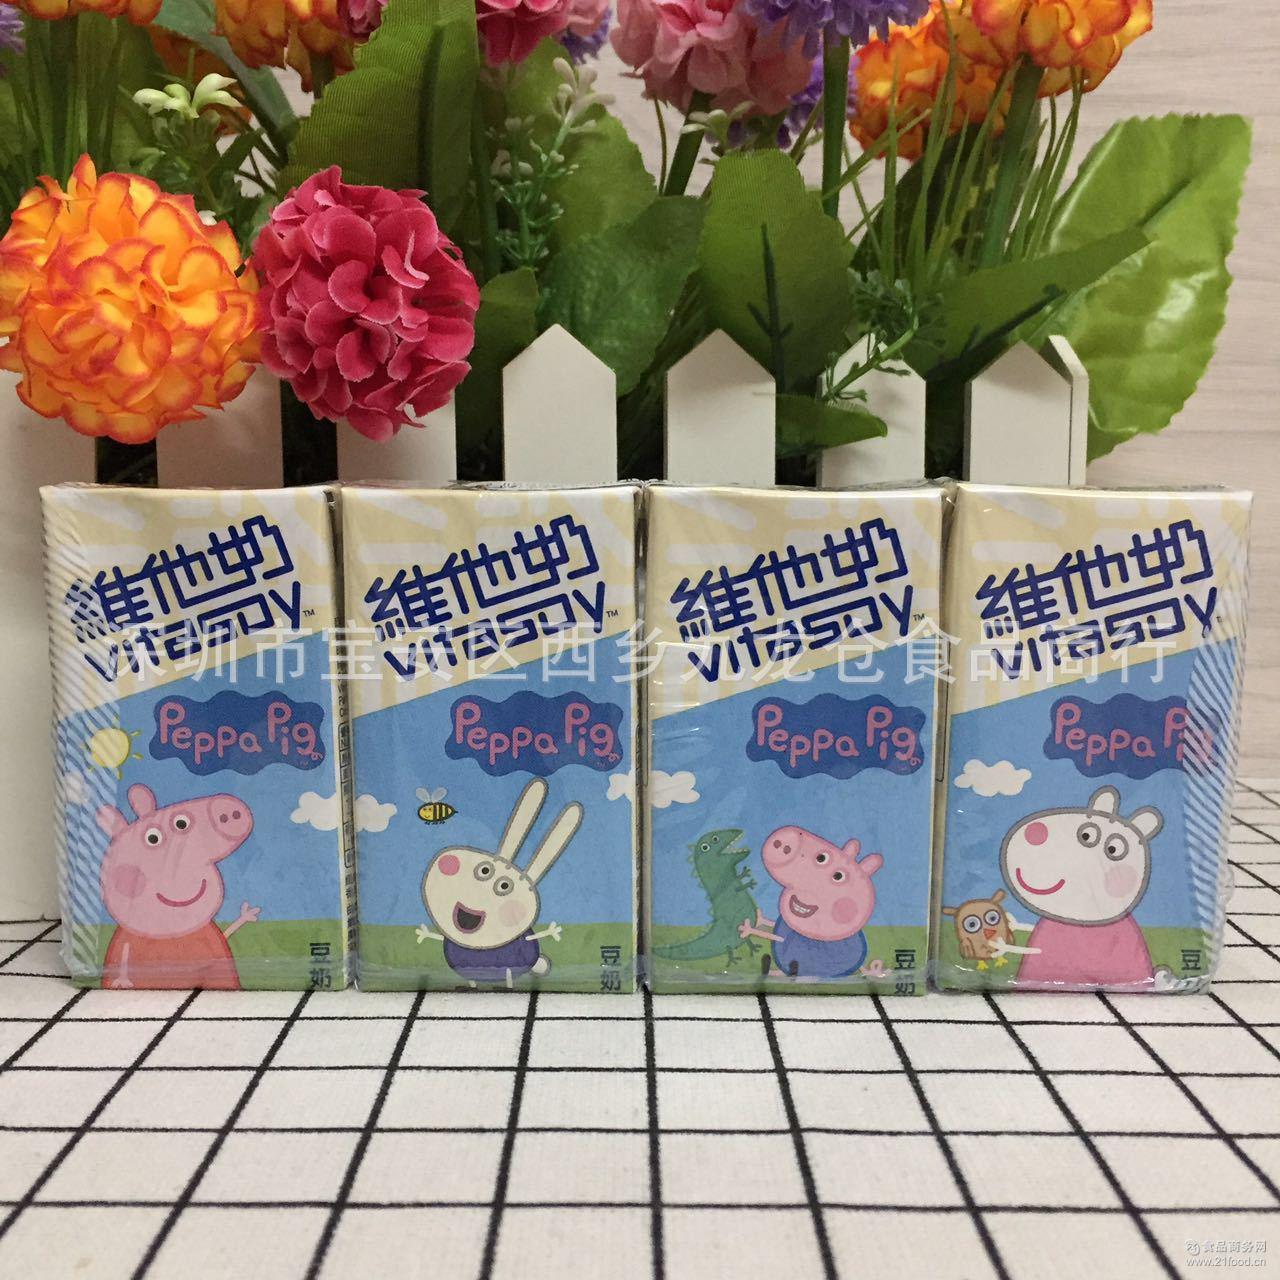 批发 Vitasoy维他奶豆奶饮品125ml*44盒/箱 香港进口